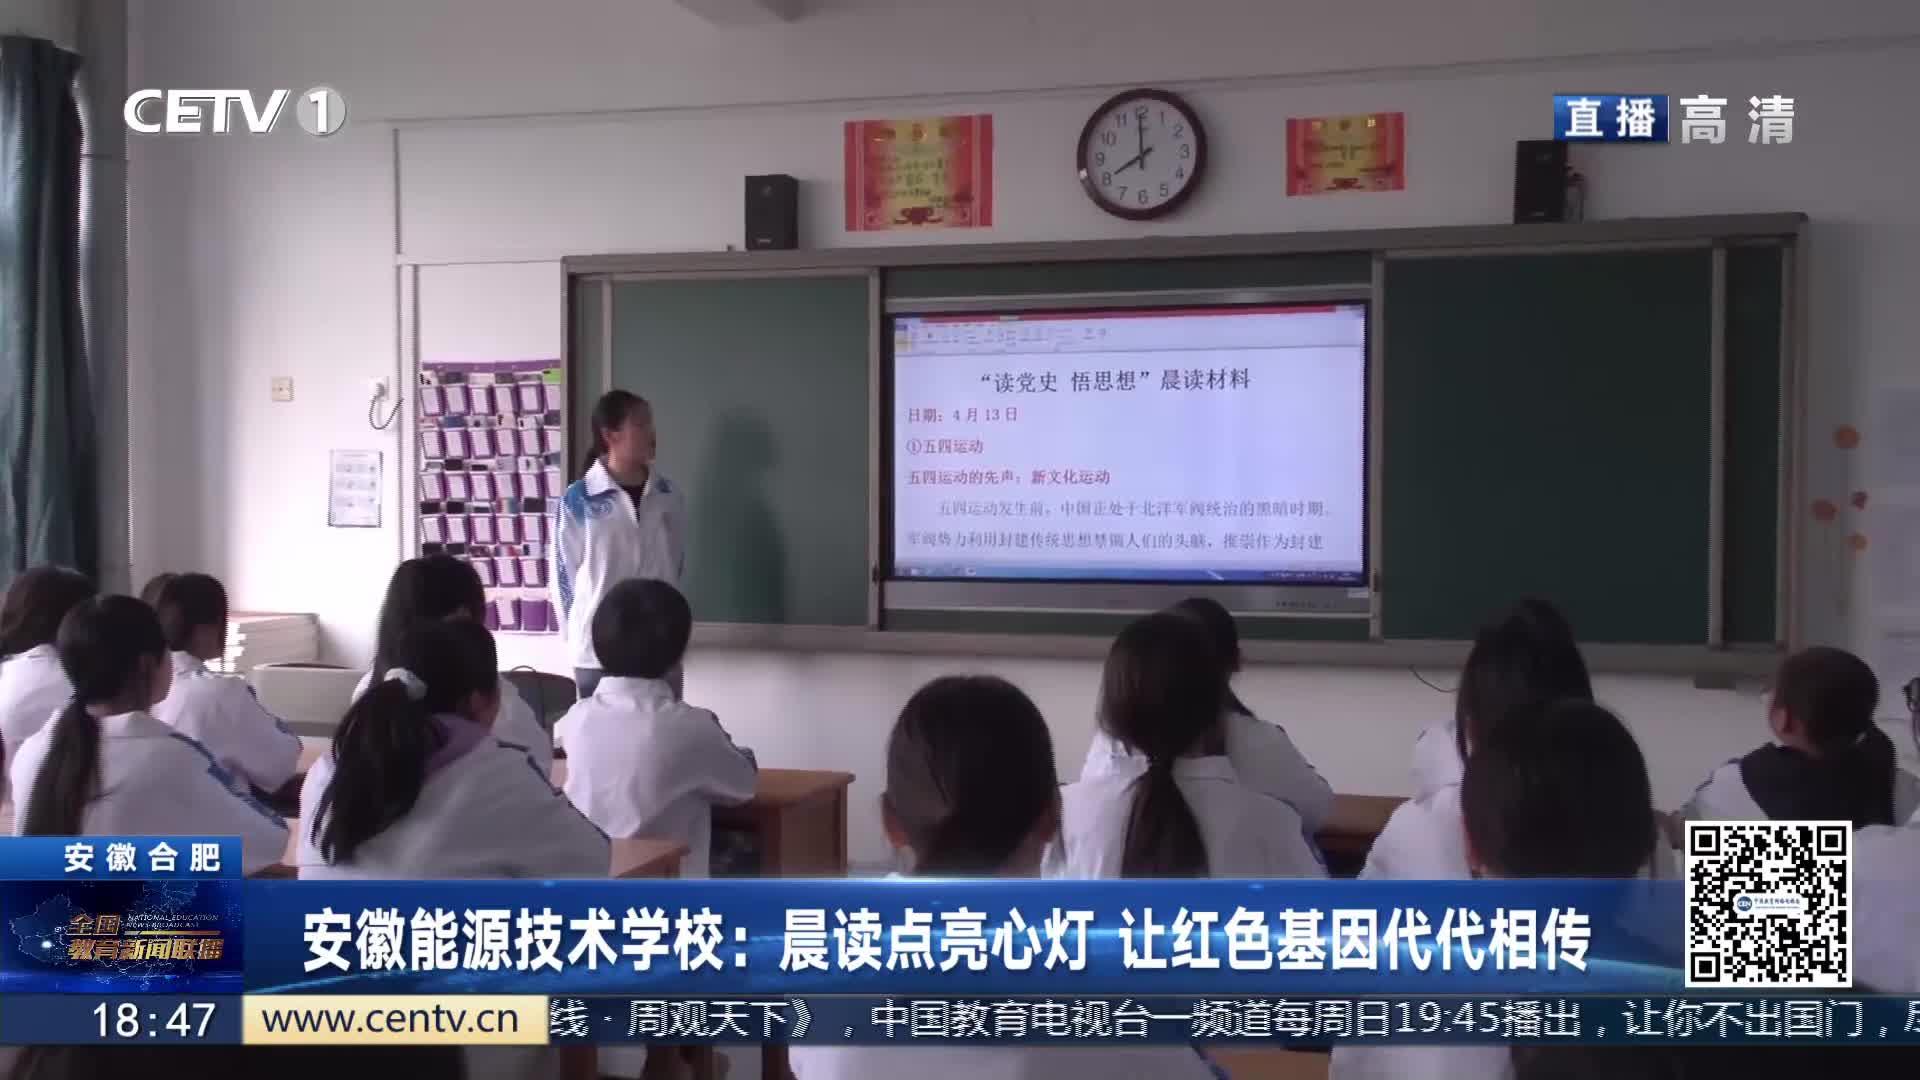 安徽能源技术学校:晨读点亮心灯 让红色基因代代相传